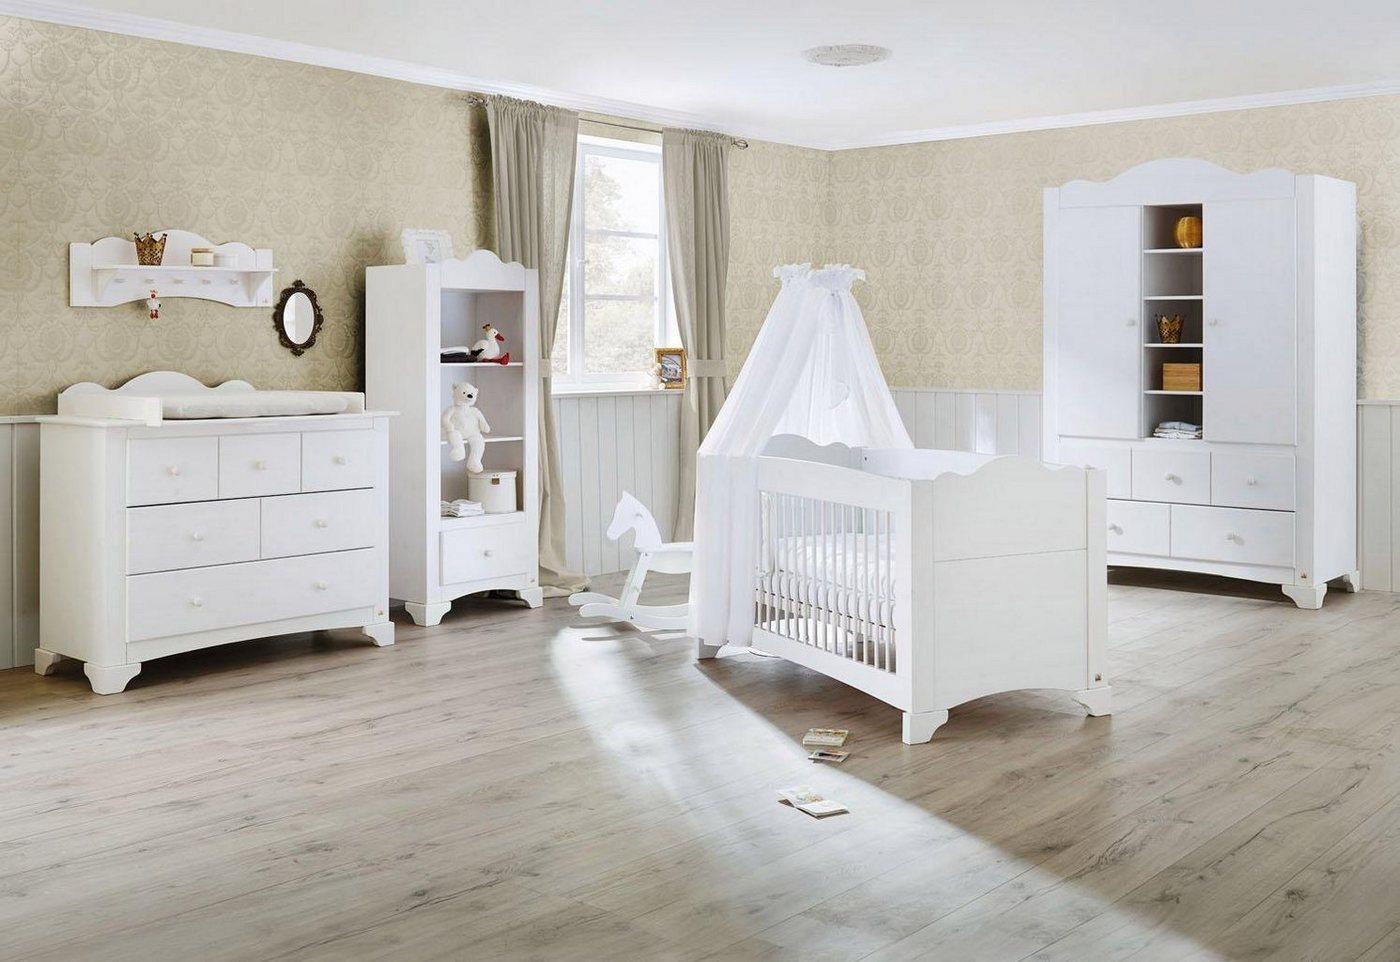 Weiss Holz Teilmassiv Komplett Babyzimmer Online Kaufen Mobel